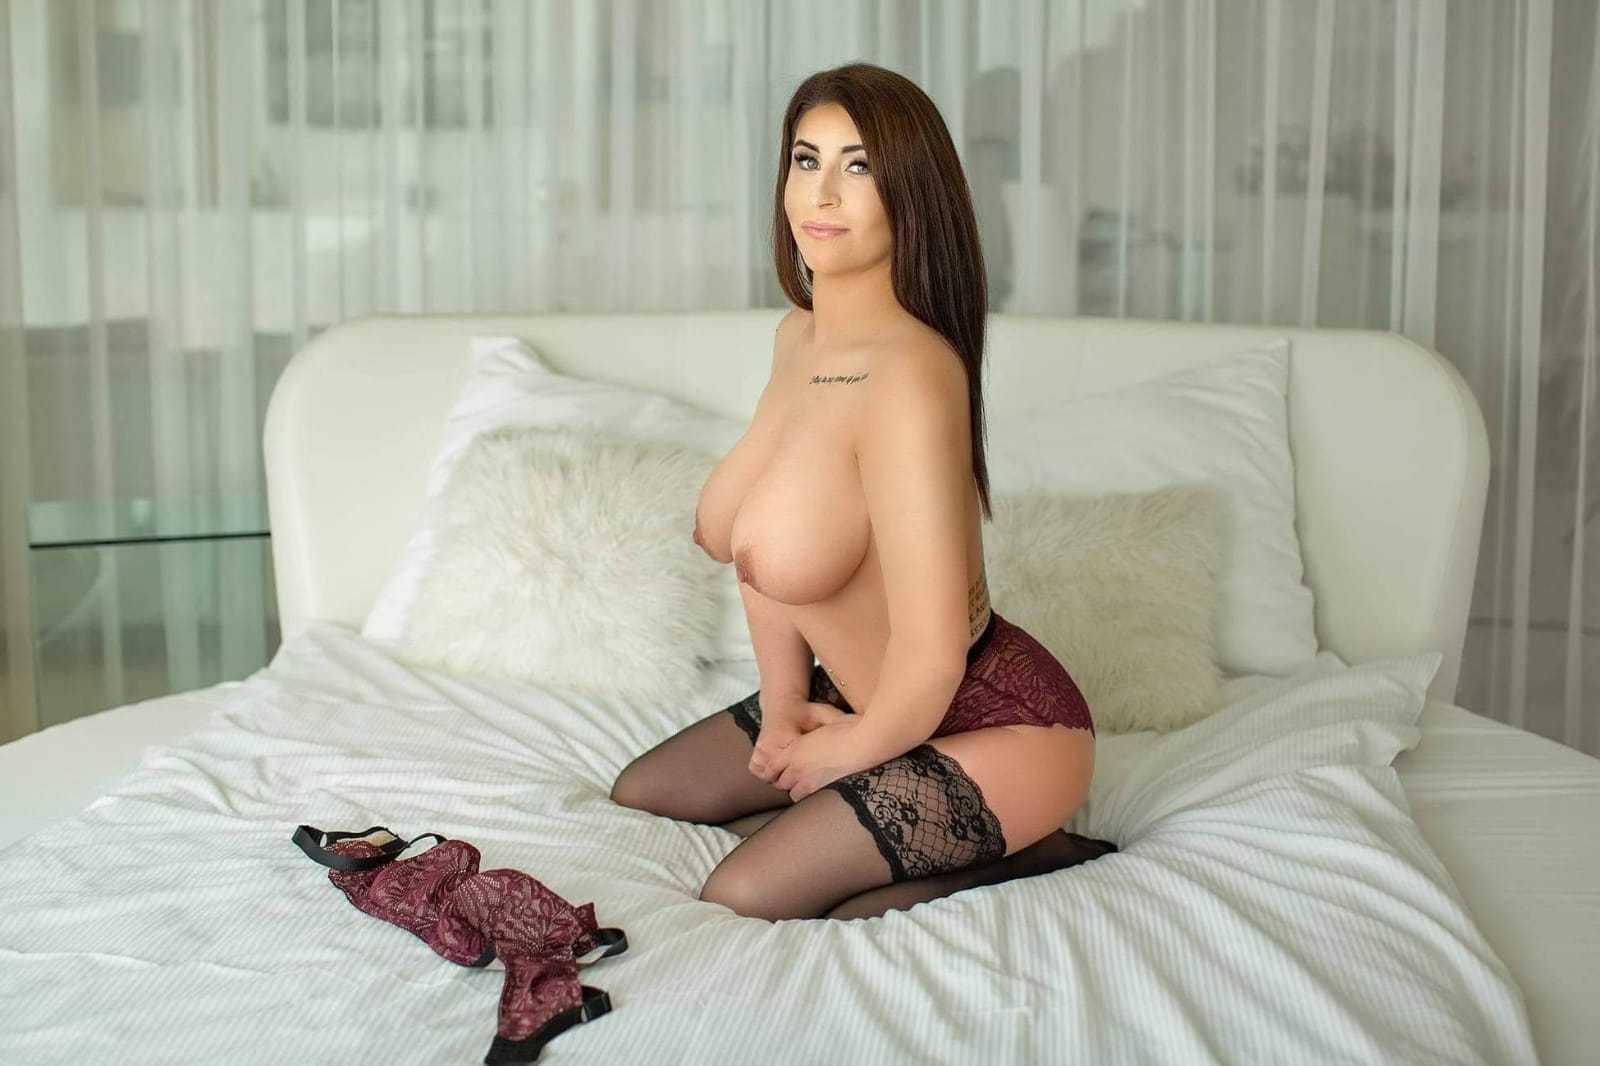 Natalia9